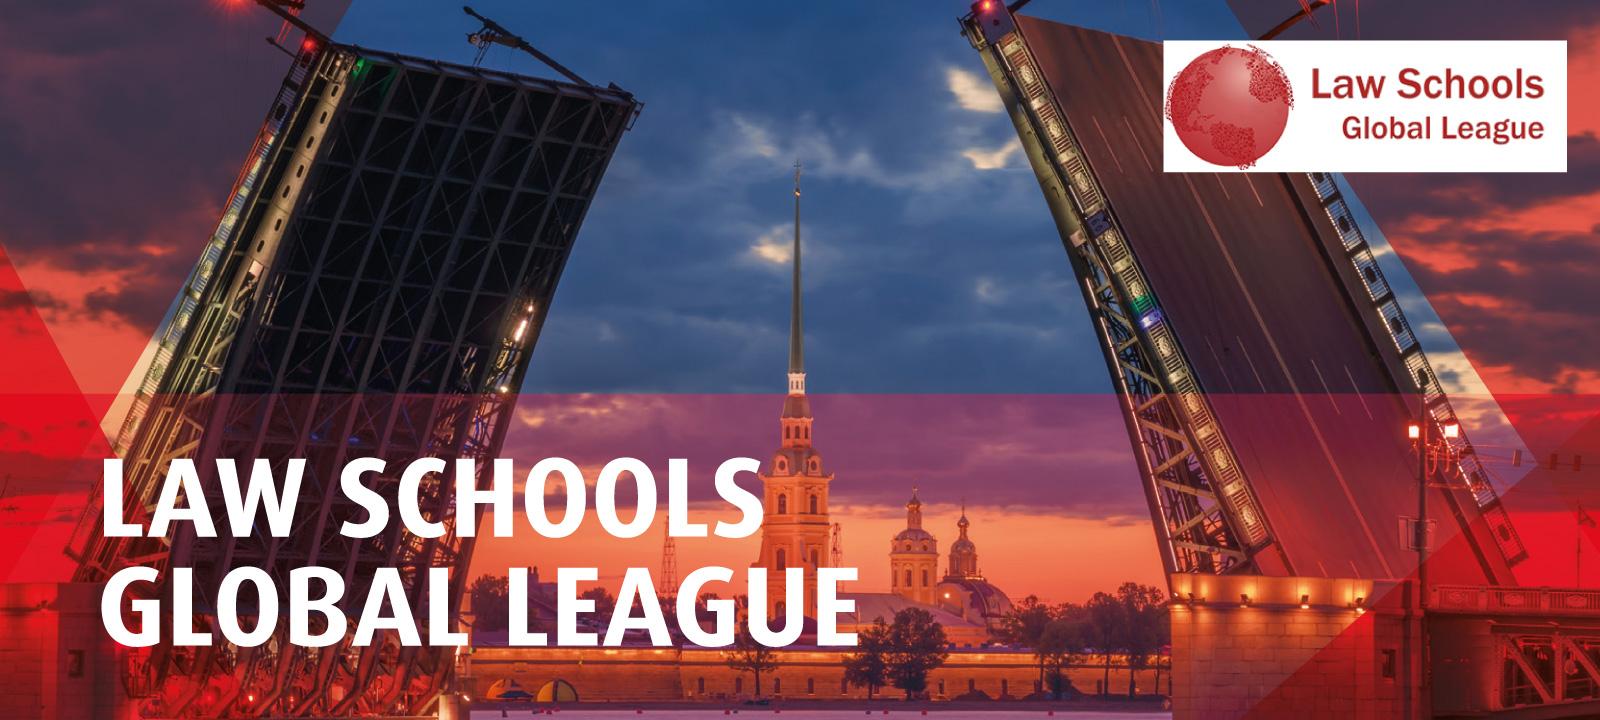 Convocatorias de Law Schools Global League | Derecho | Uniandes